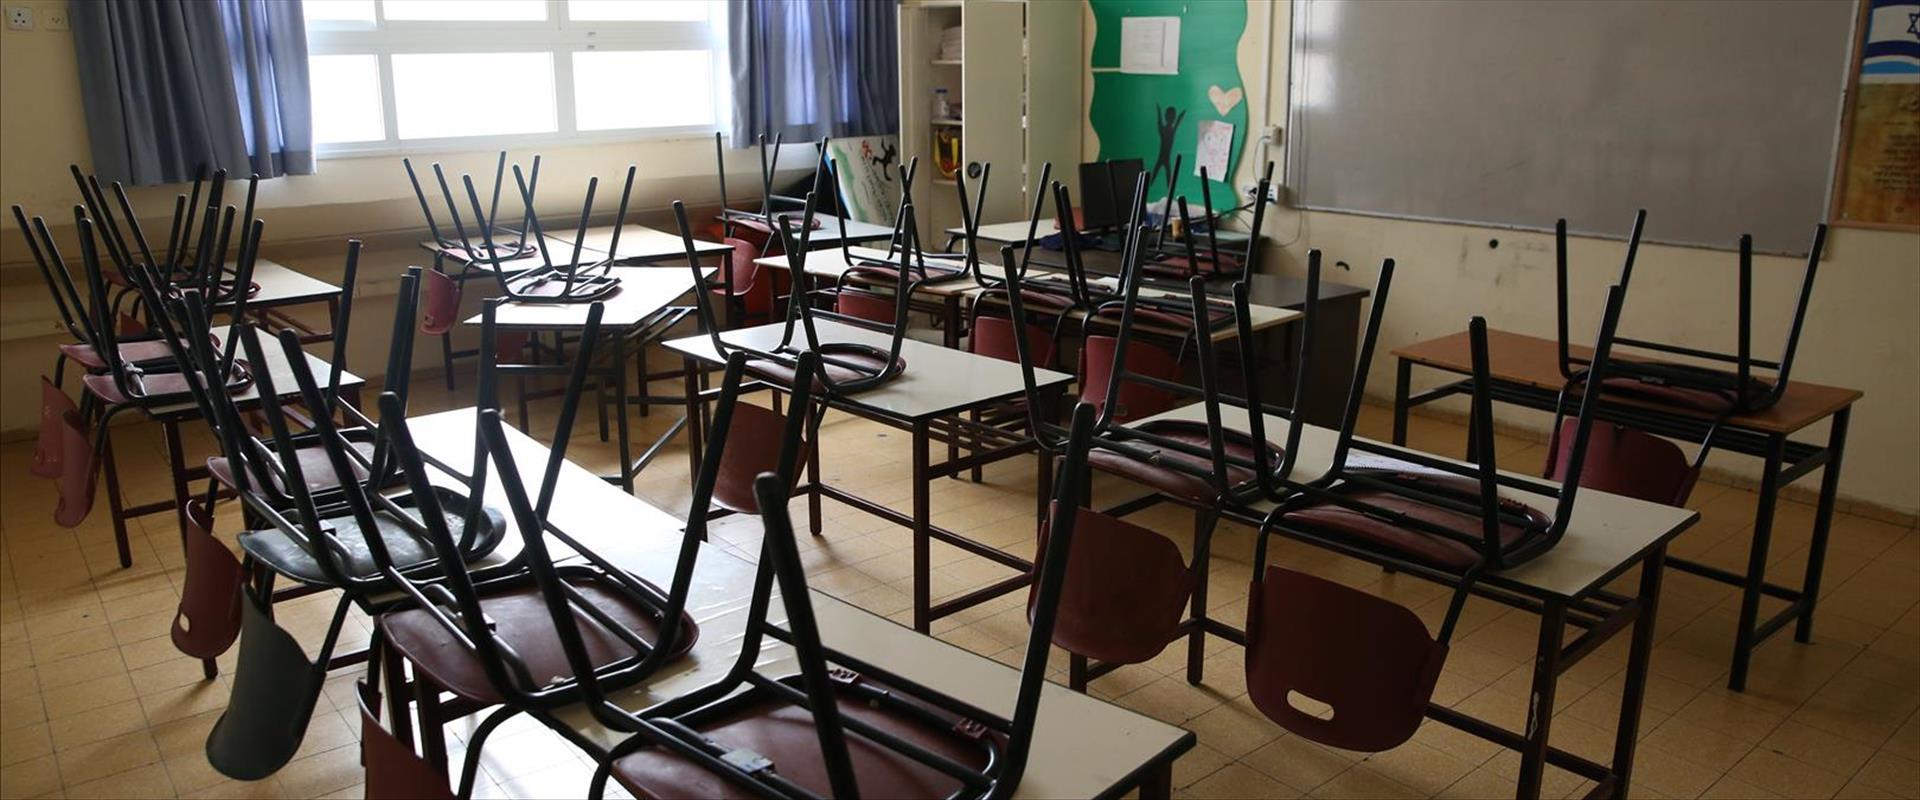 כיתה בבית ספר סגור